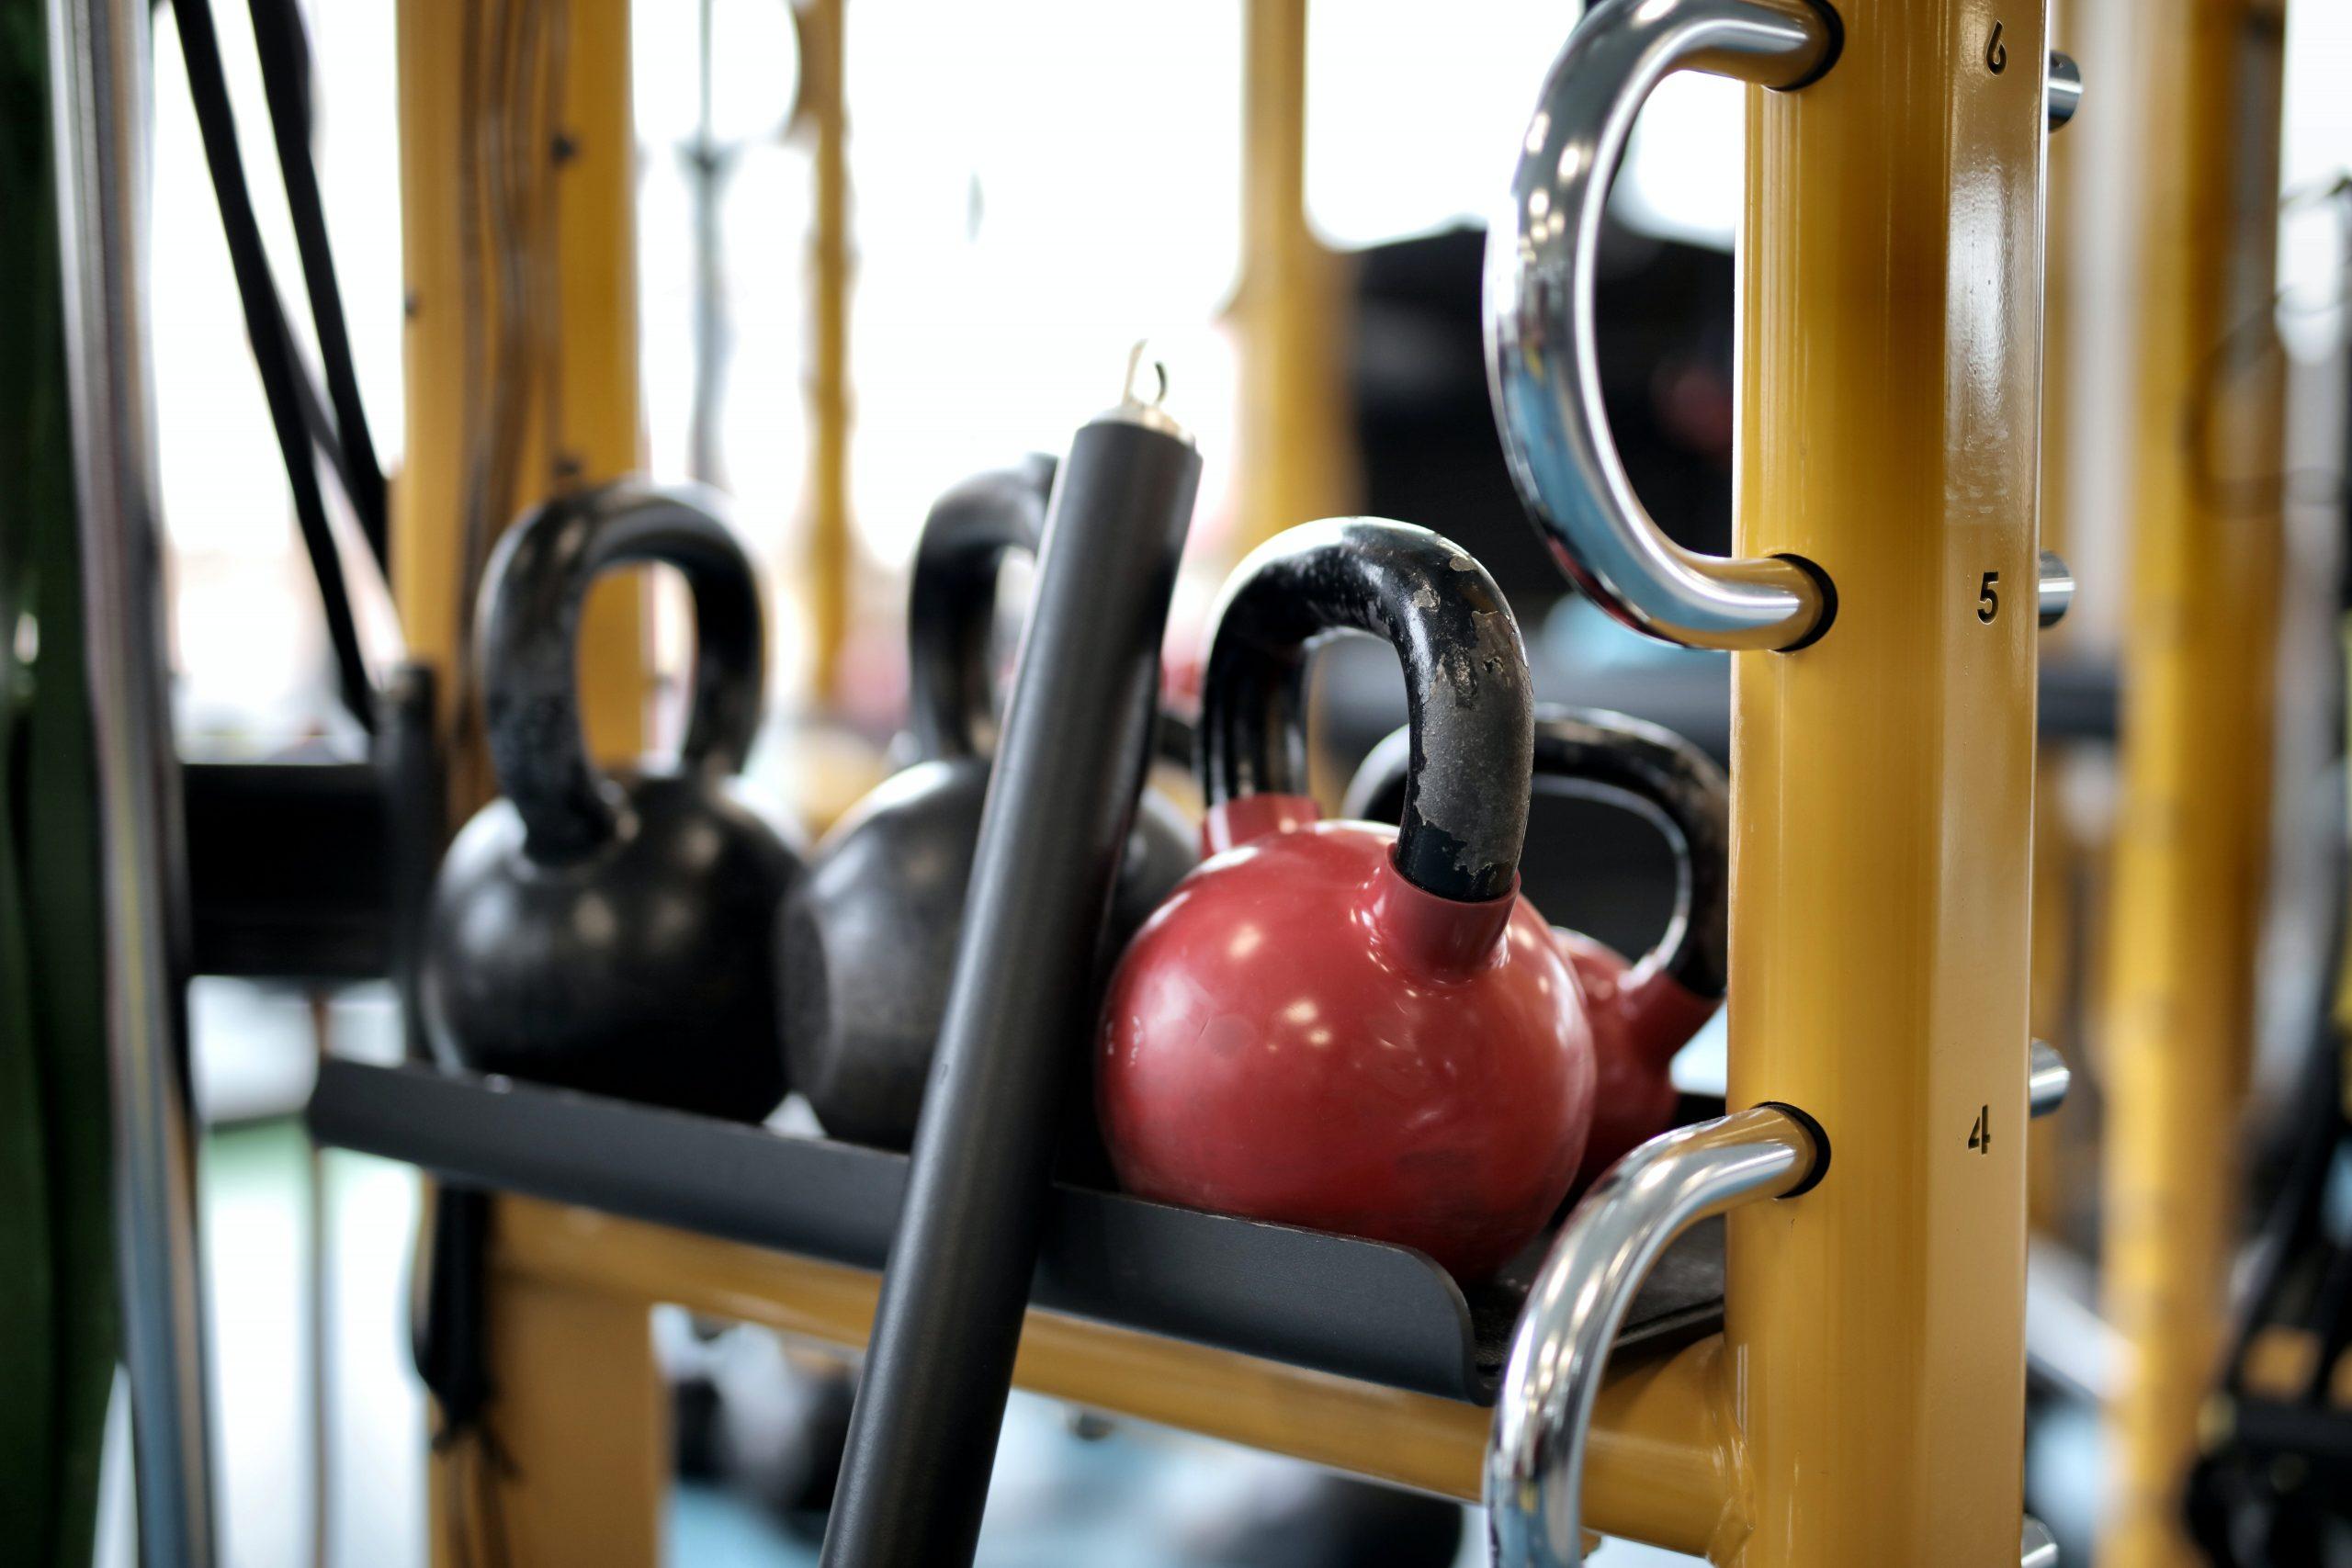 Kettlebells guardados em um armário na academia